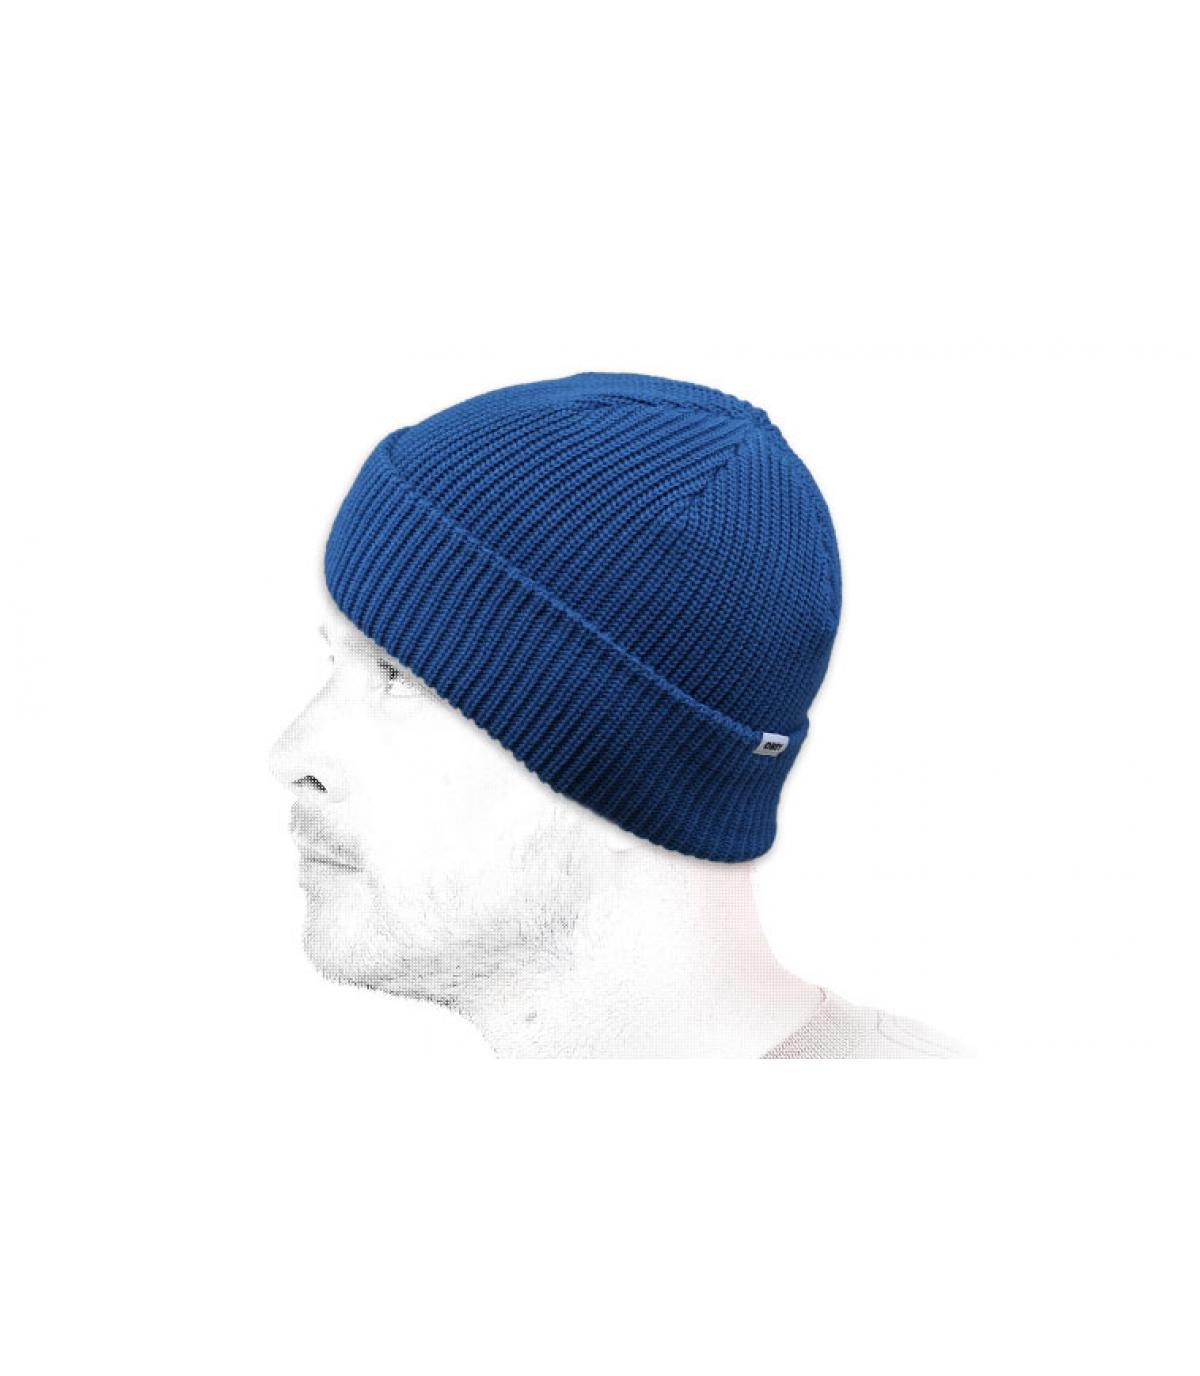 Obey berretto azzurro